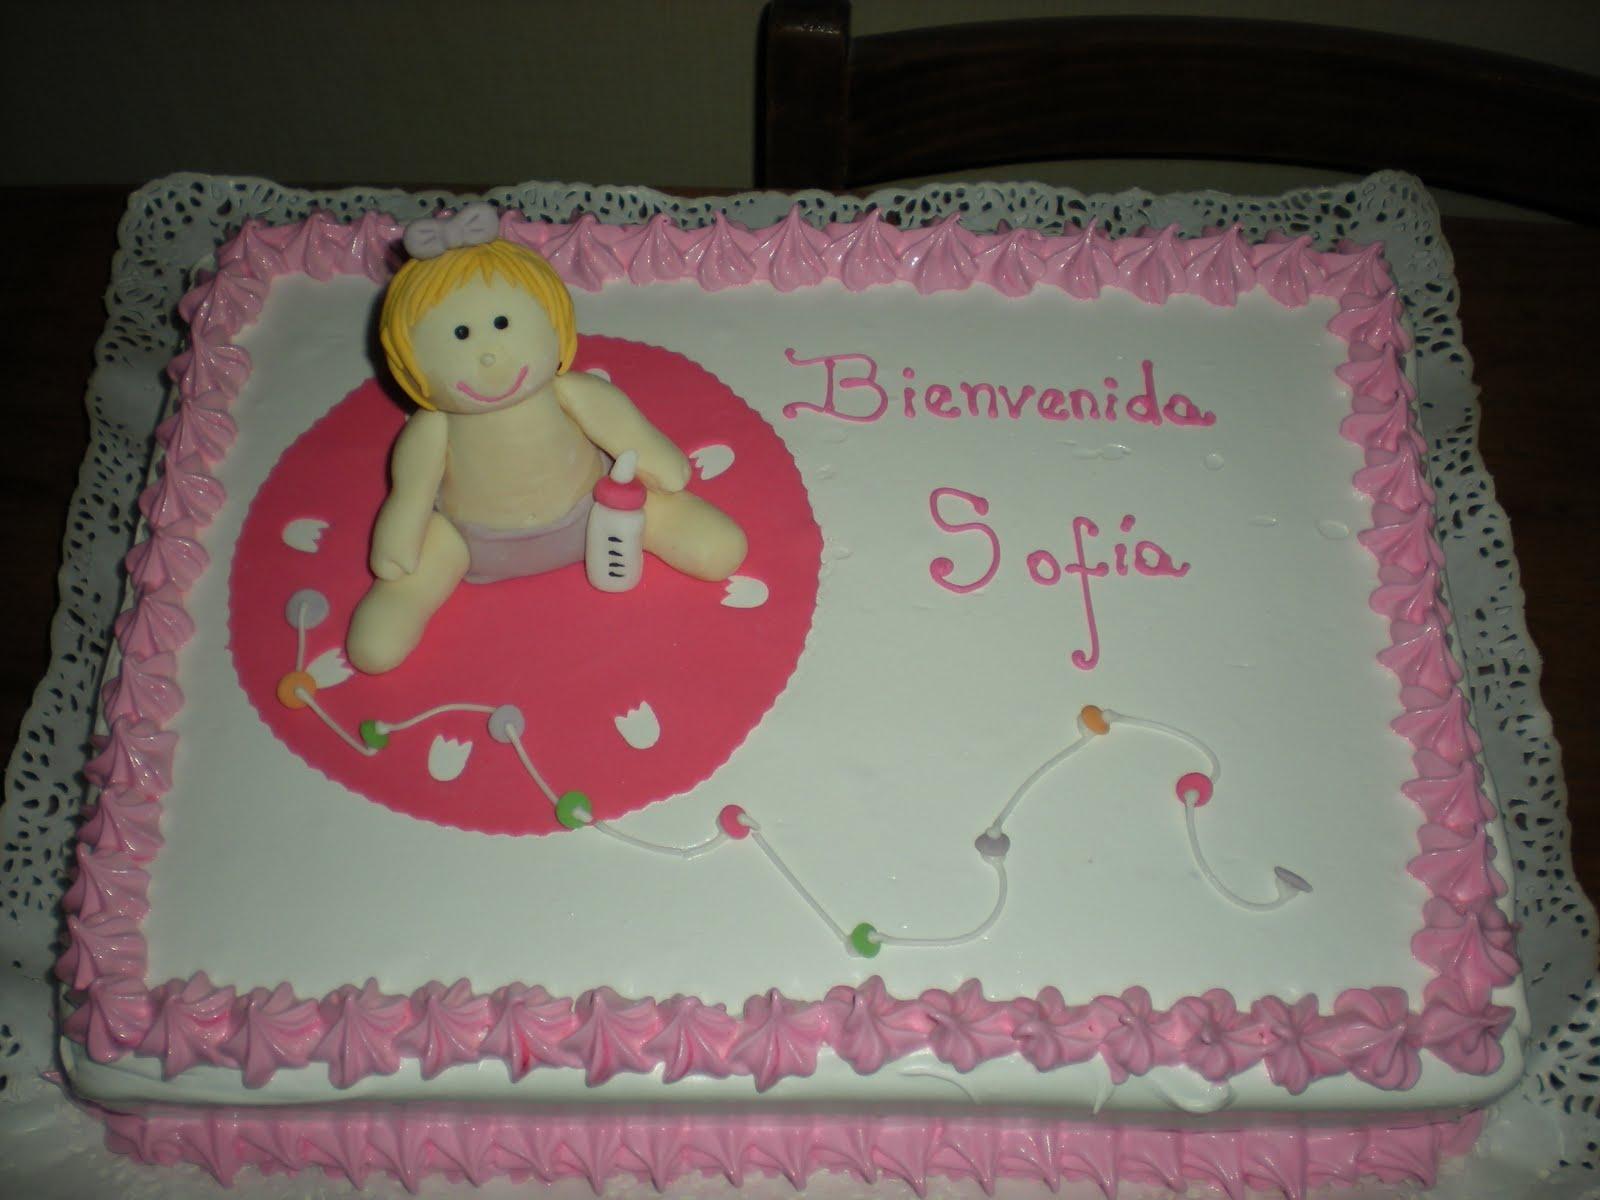 Torta para Baby Shower de niñita, comestible.